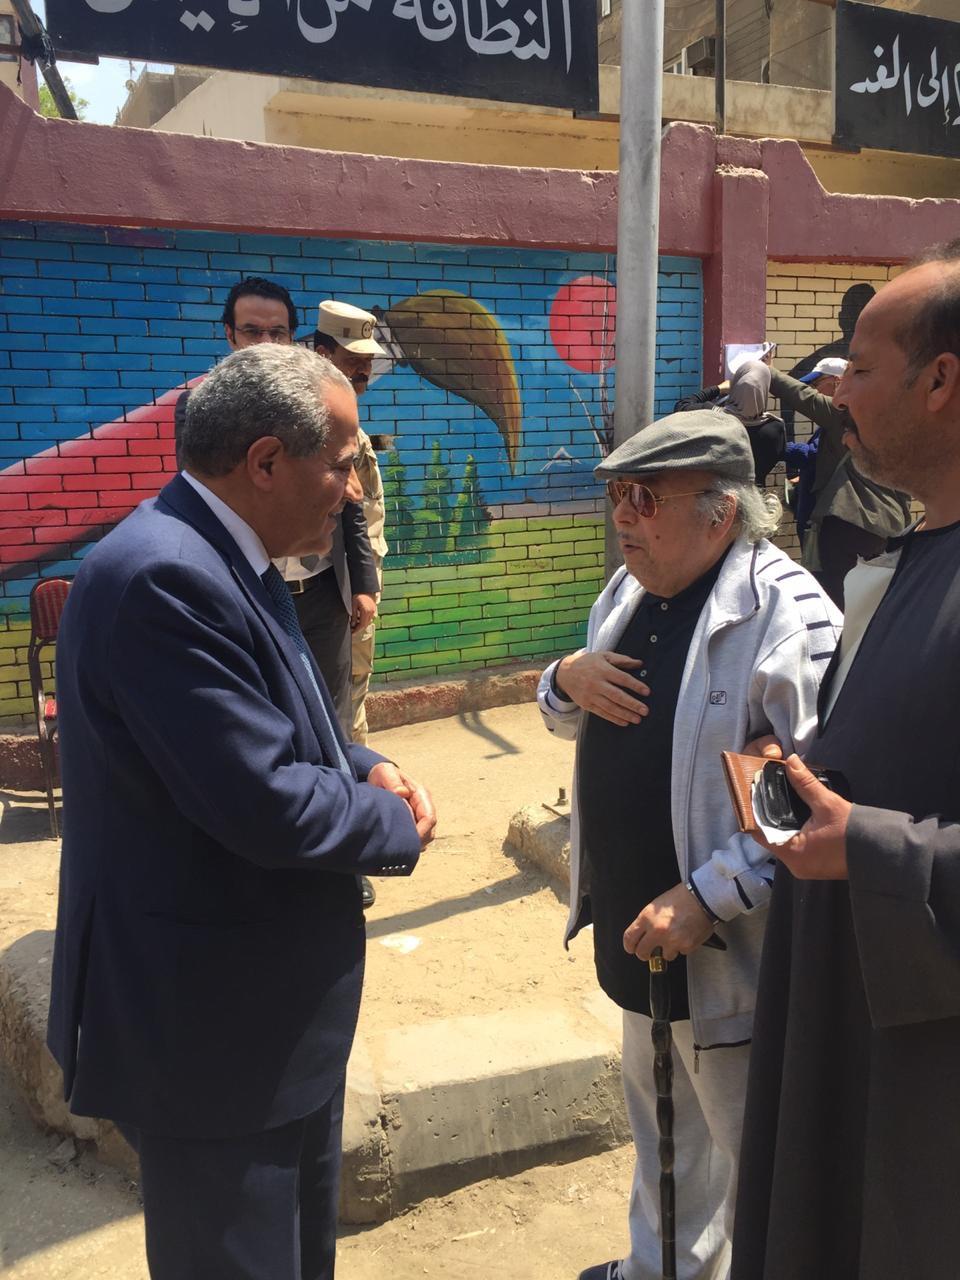 وزير التموين يصافح   المواطنين  عقب الإدلاء بصوته فى الاستفتاء  (3)